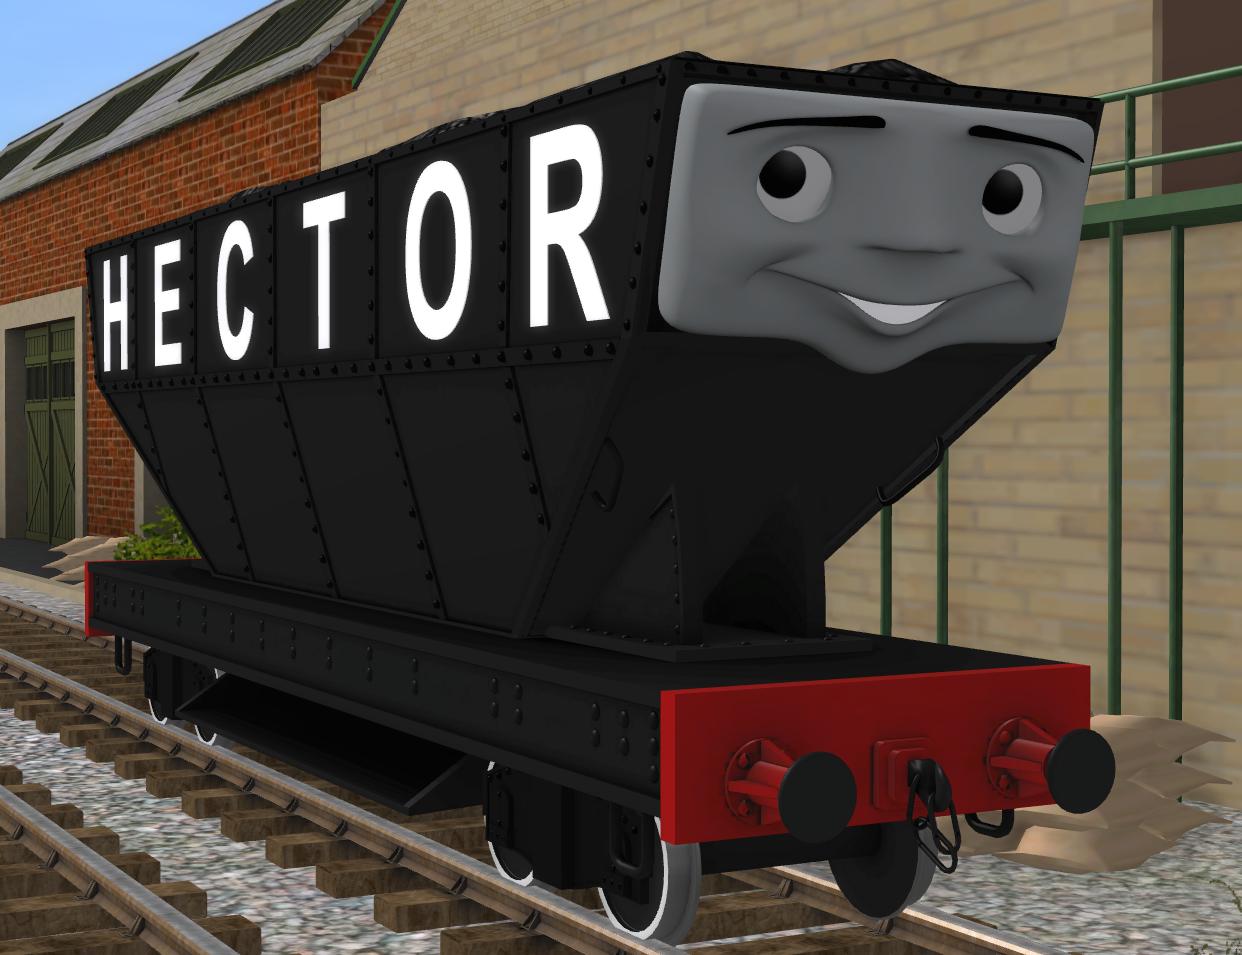 Thomas Hector